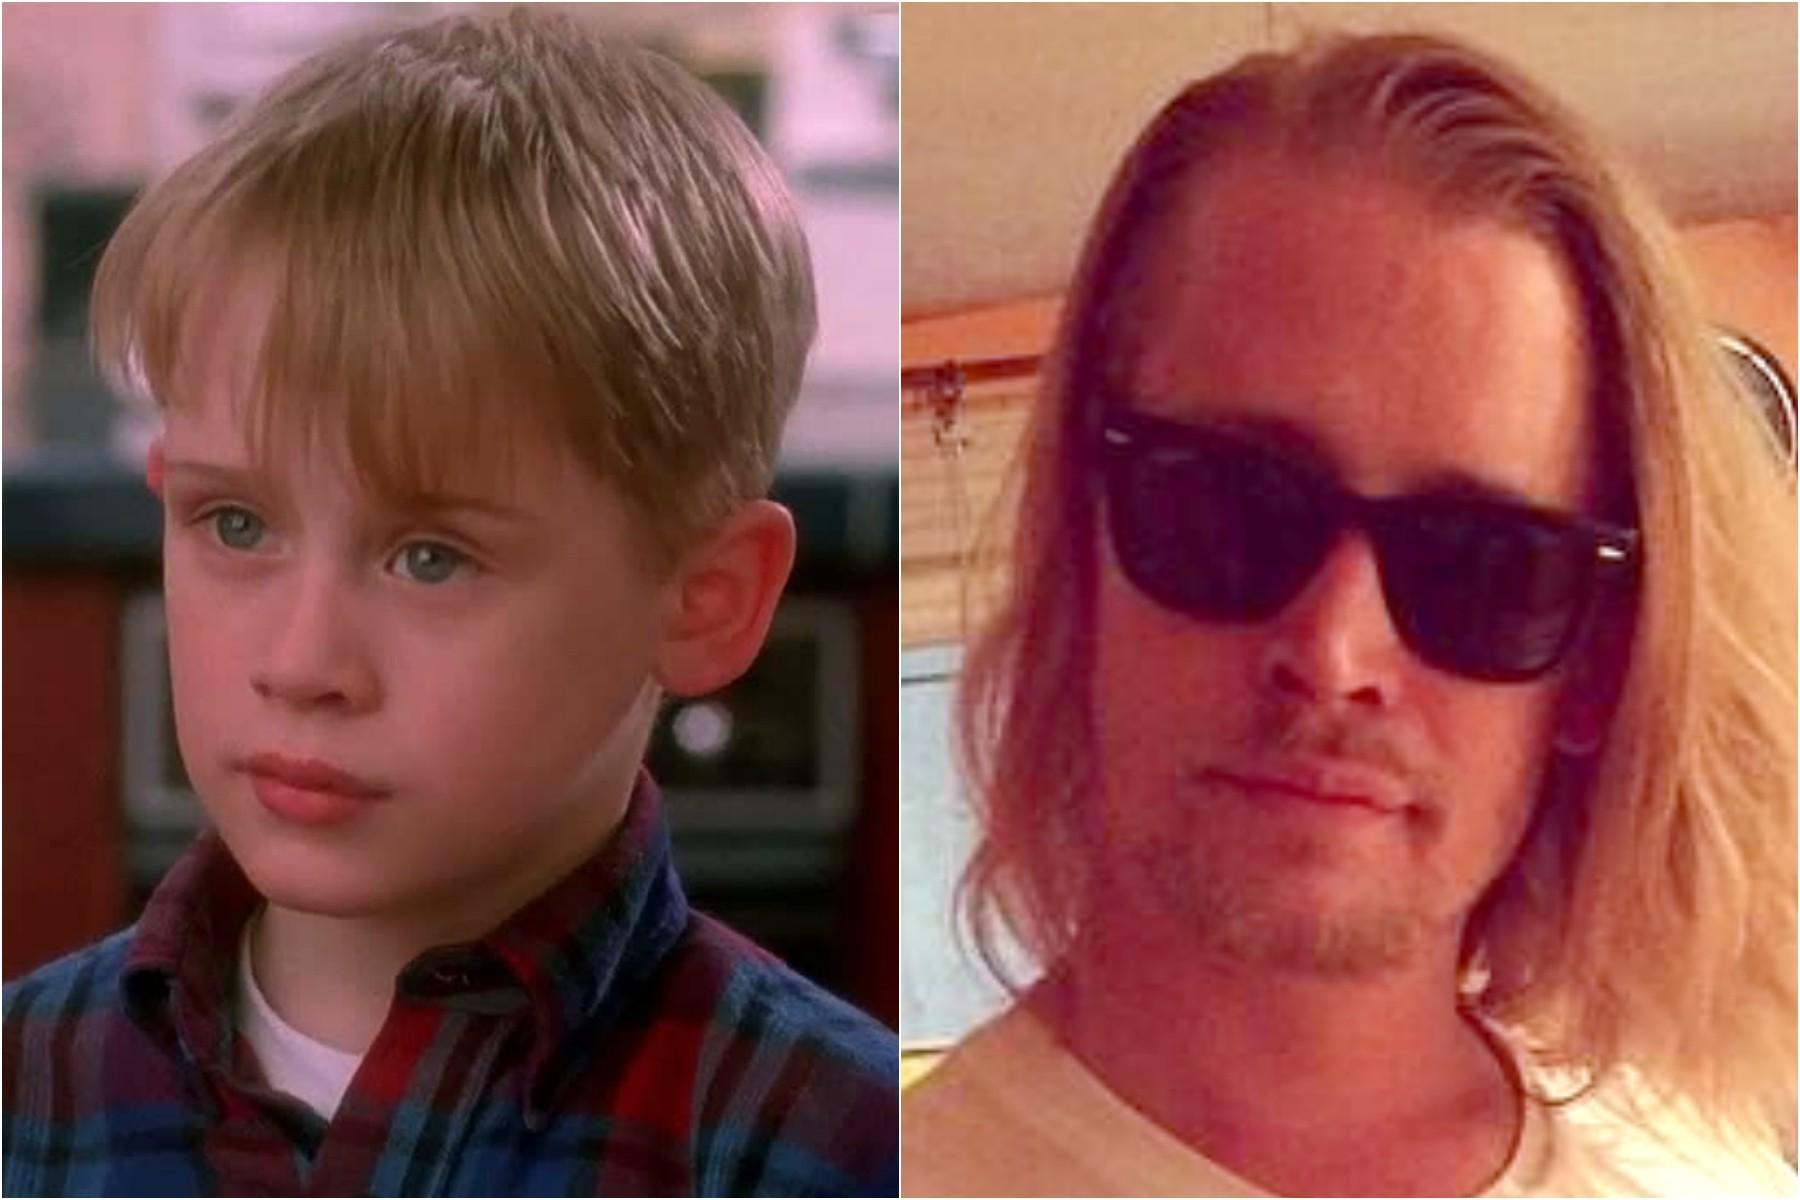 Macaulay Culkin em 'Esqueceram de Mim' (1990), quando tinha 10 anos de vida, e nos dias de hoje, com 33. (Foto: Divulgação e Twitter)